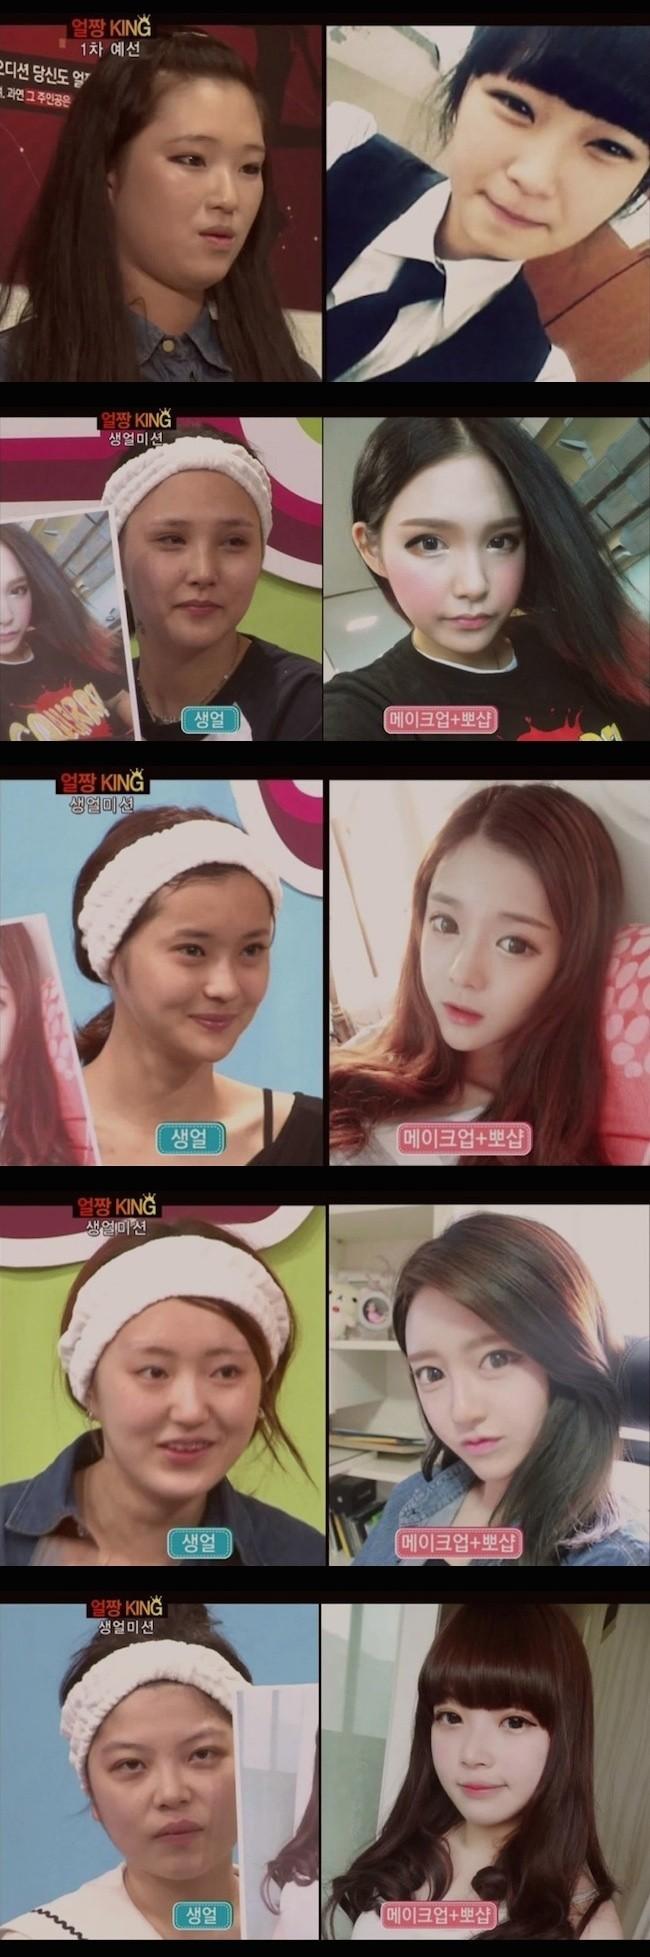 誰? 韓国女子の写真加工技術が高すぎて完全に別人(笑)beauty_0111